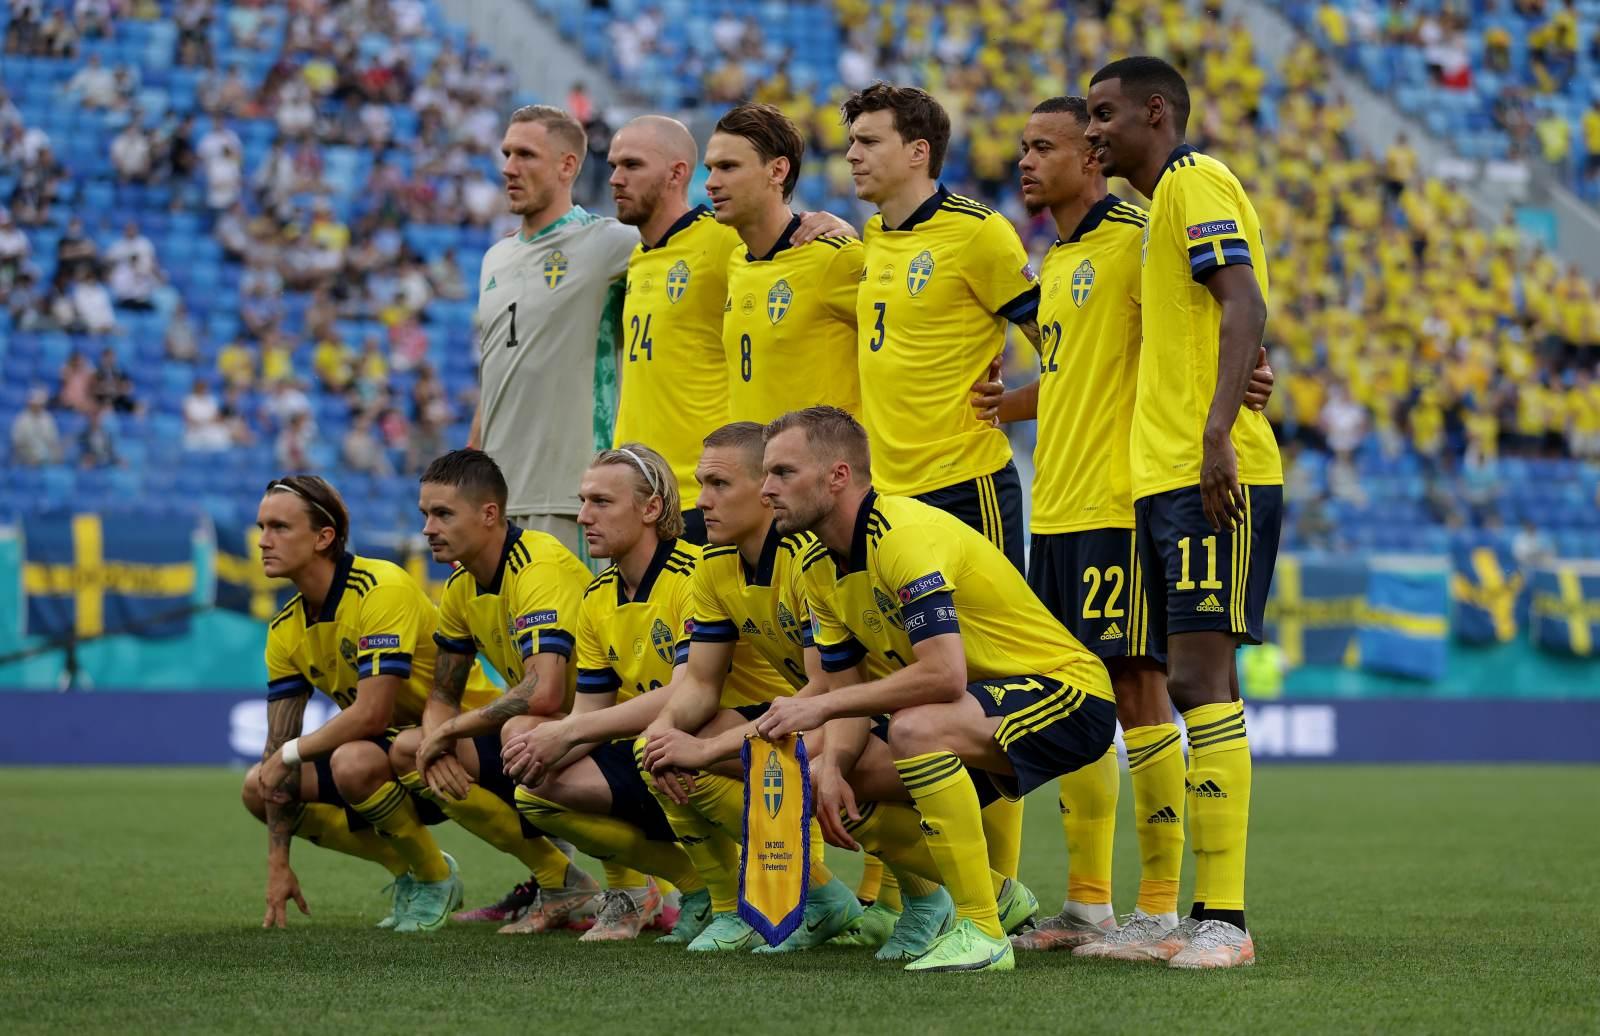 Шведы вышли в лидеры группы, одолев Грецию, по три очка набрали Грузия и Сербия